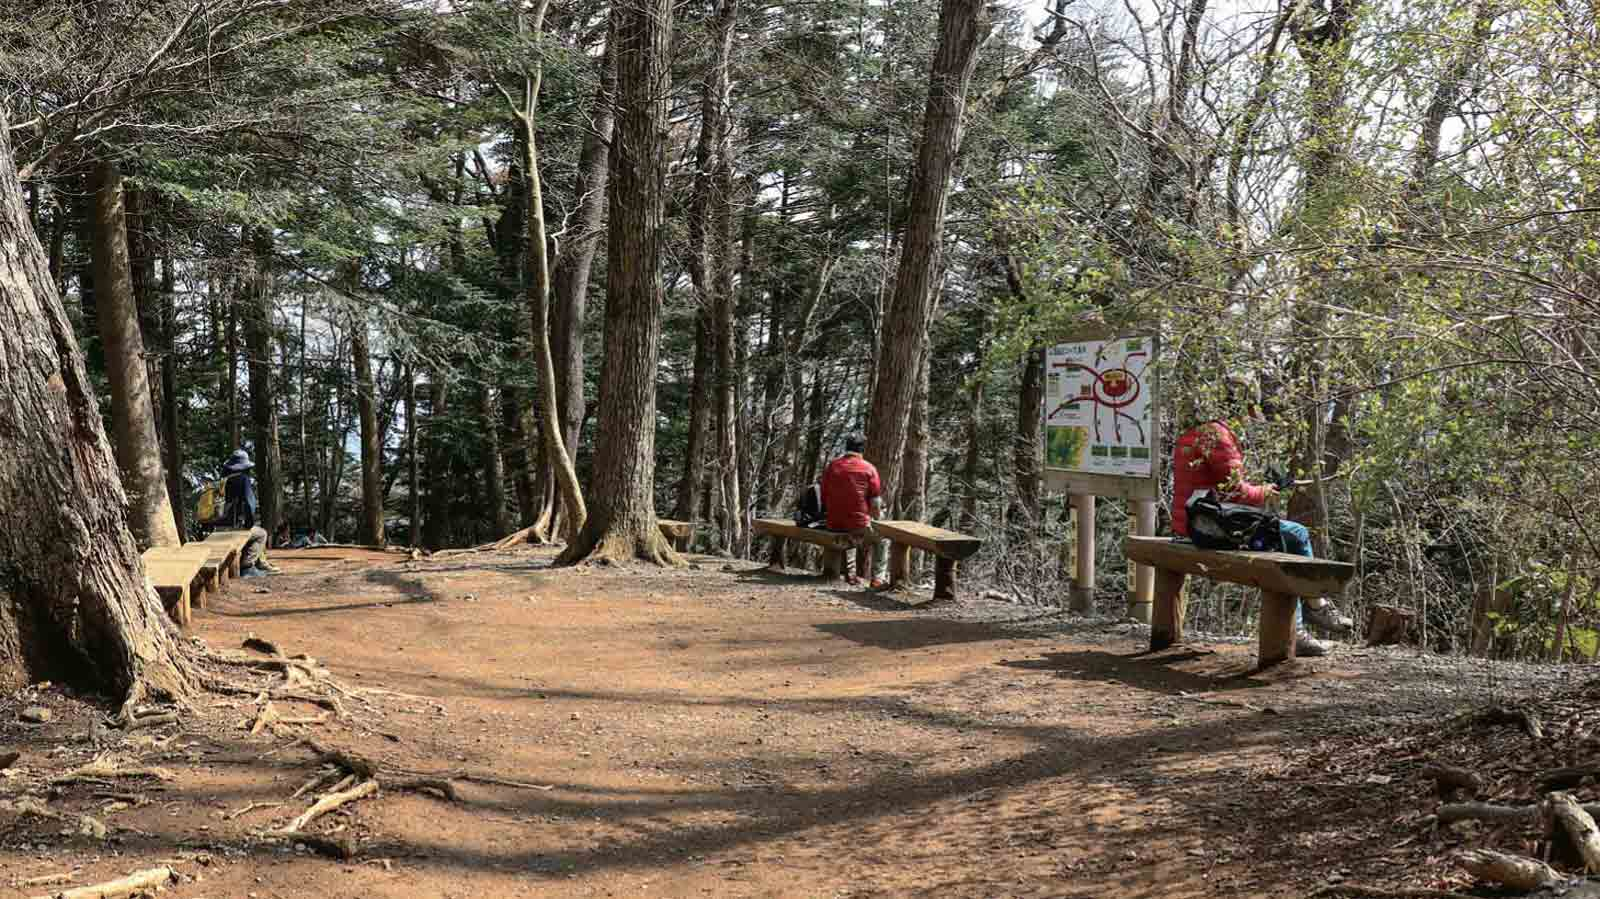 高尾山国定公園―もうすぐ頂上離れて休憩